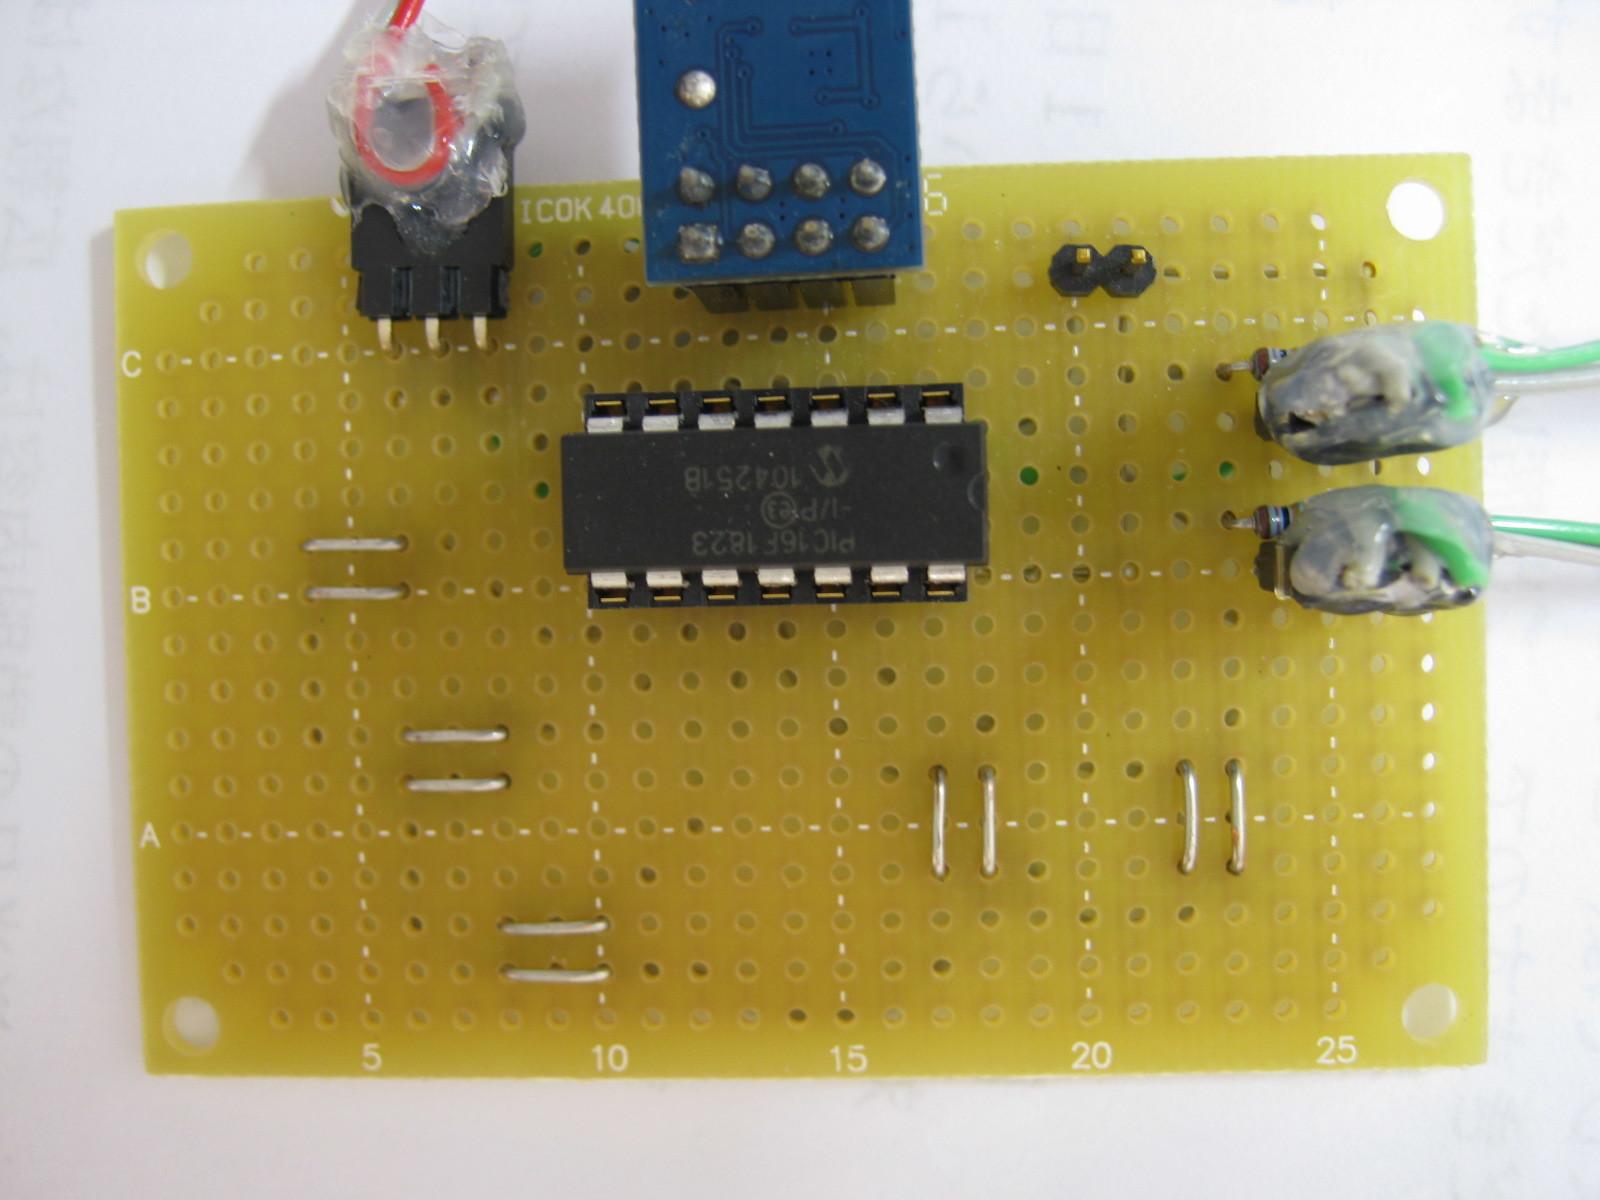 2.4GHzラジコン用ファームウェアの改善(タッチSW)基板1